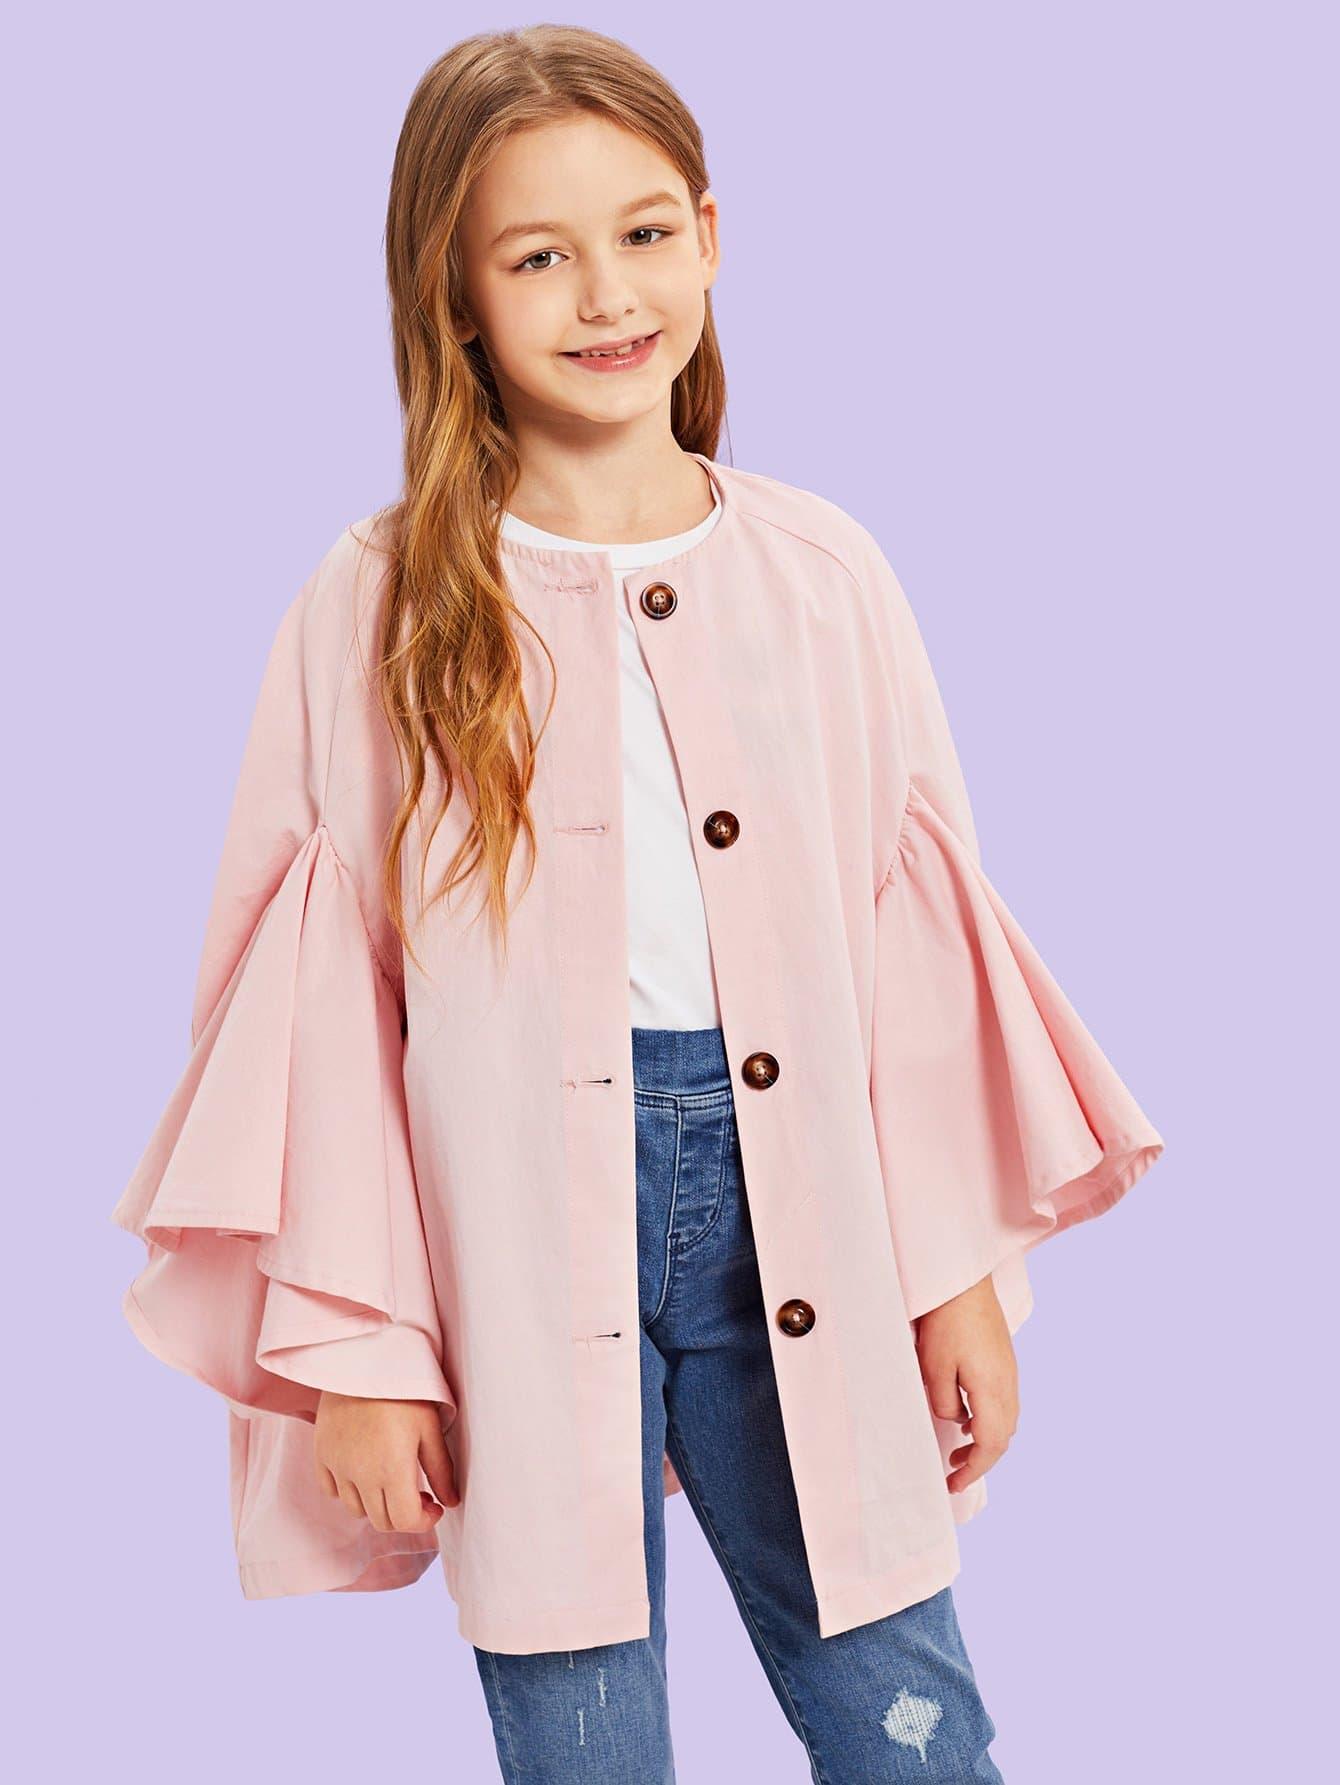 Купить Для девочек куртка на пуговицах с рукавом-регланом, Sashab, SheIn